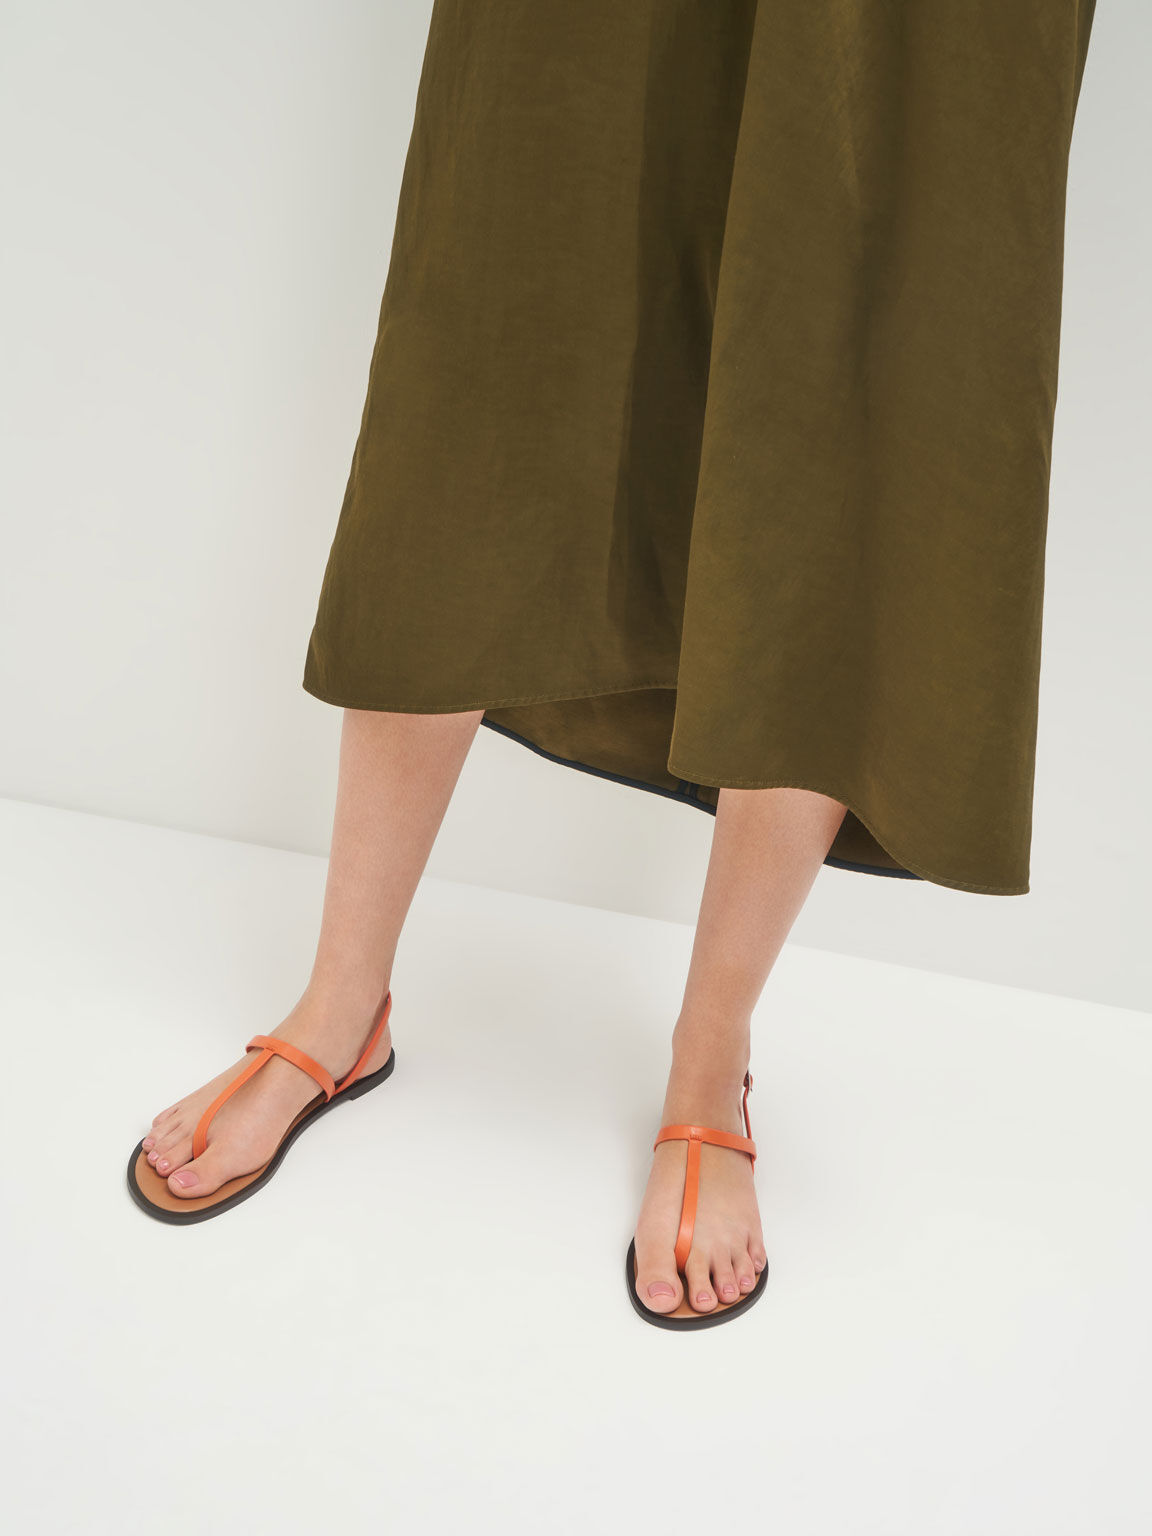 T字夾腳涼鞋, 橘色, hi-res